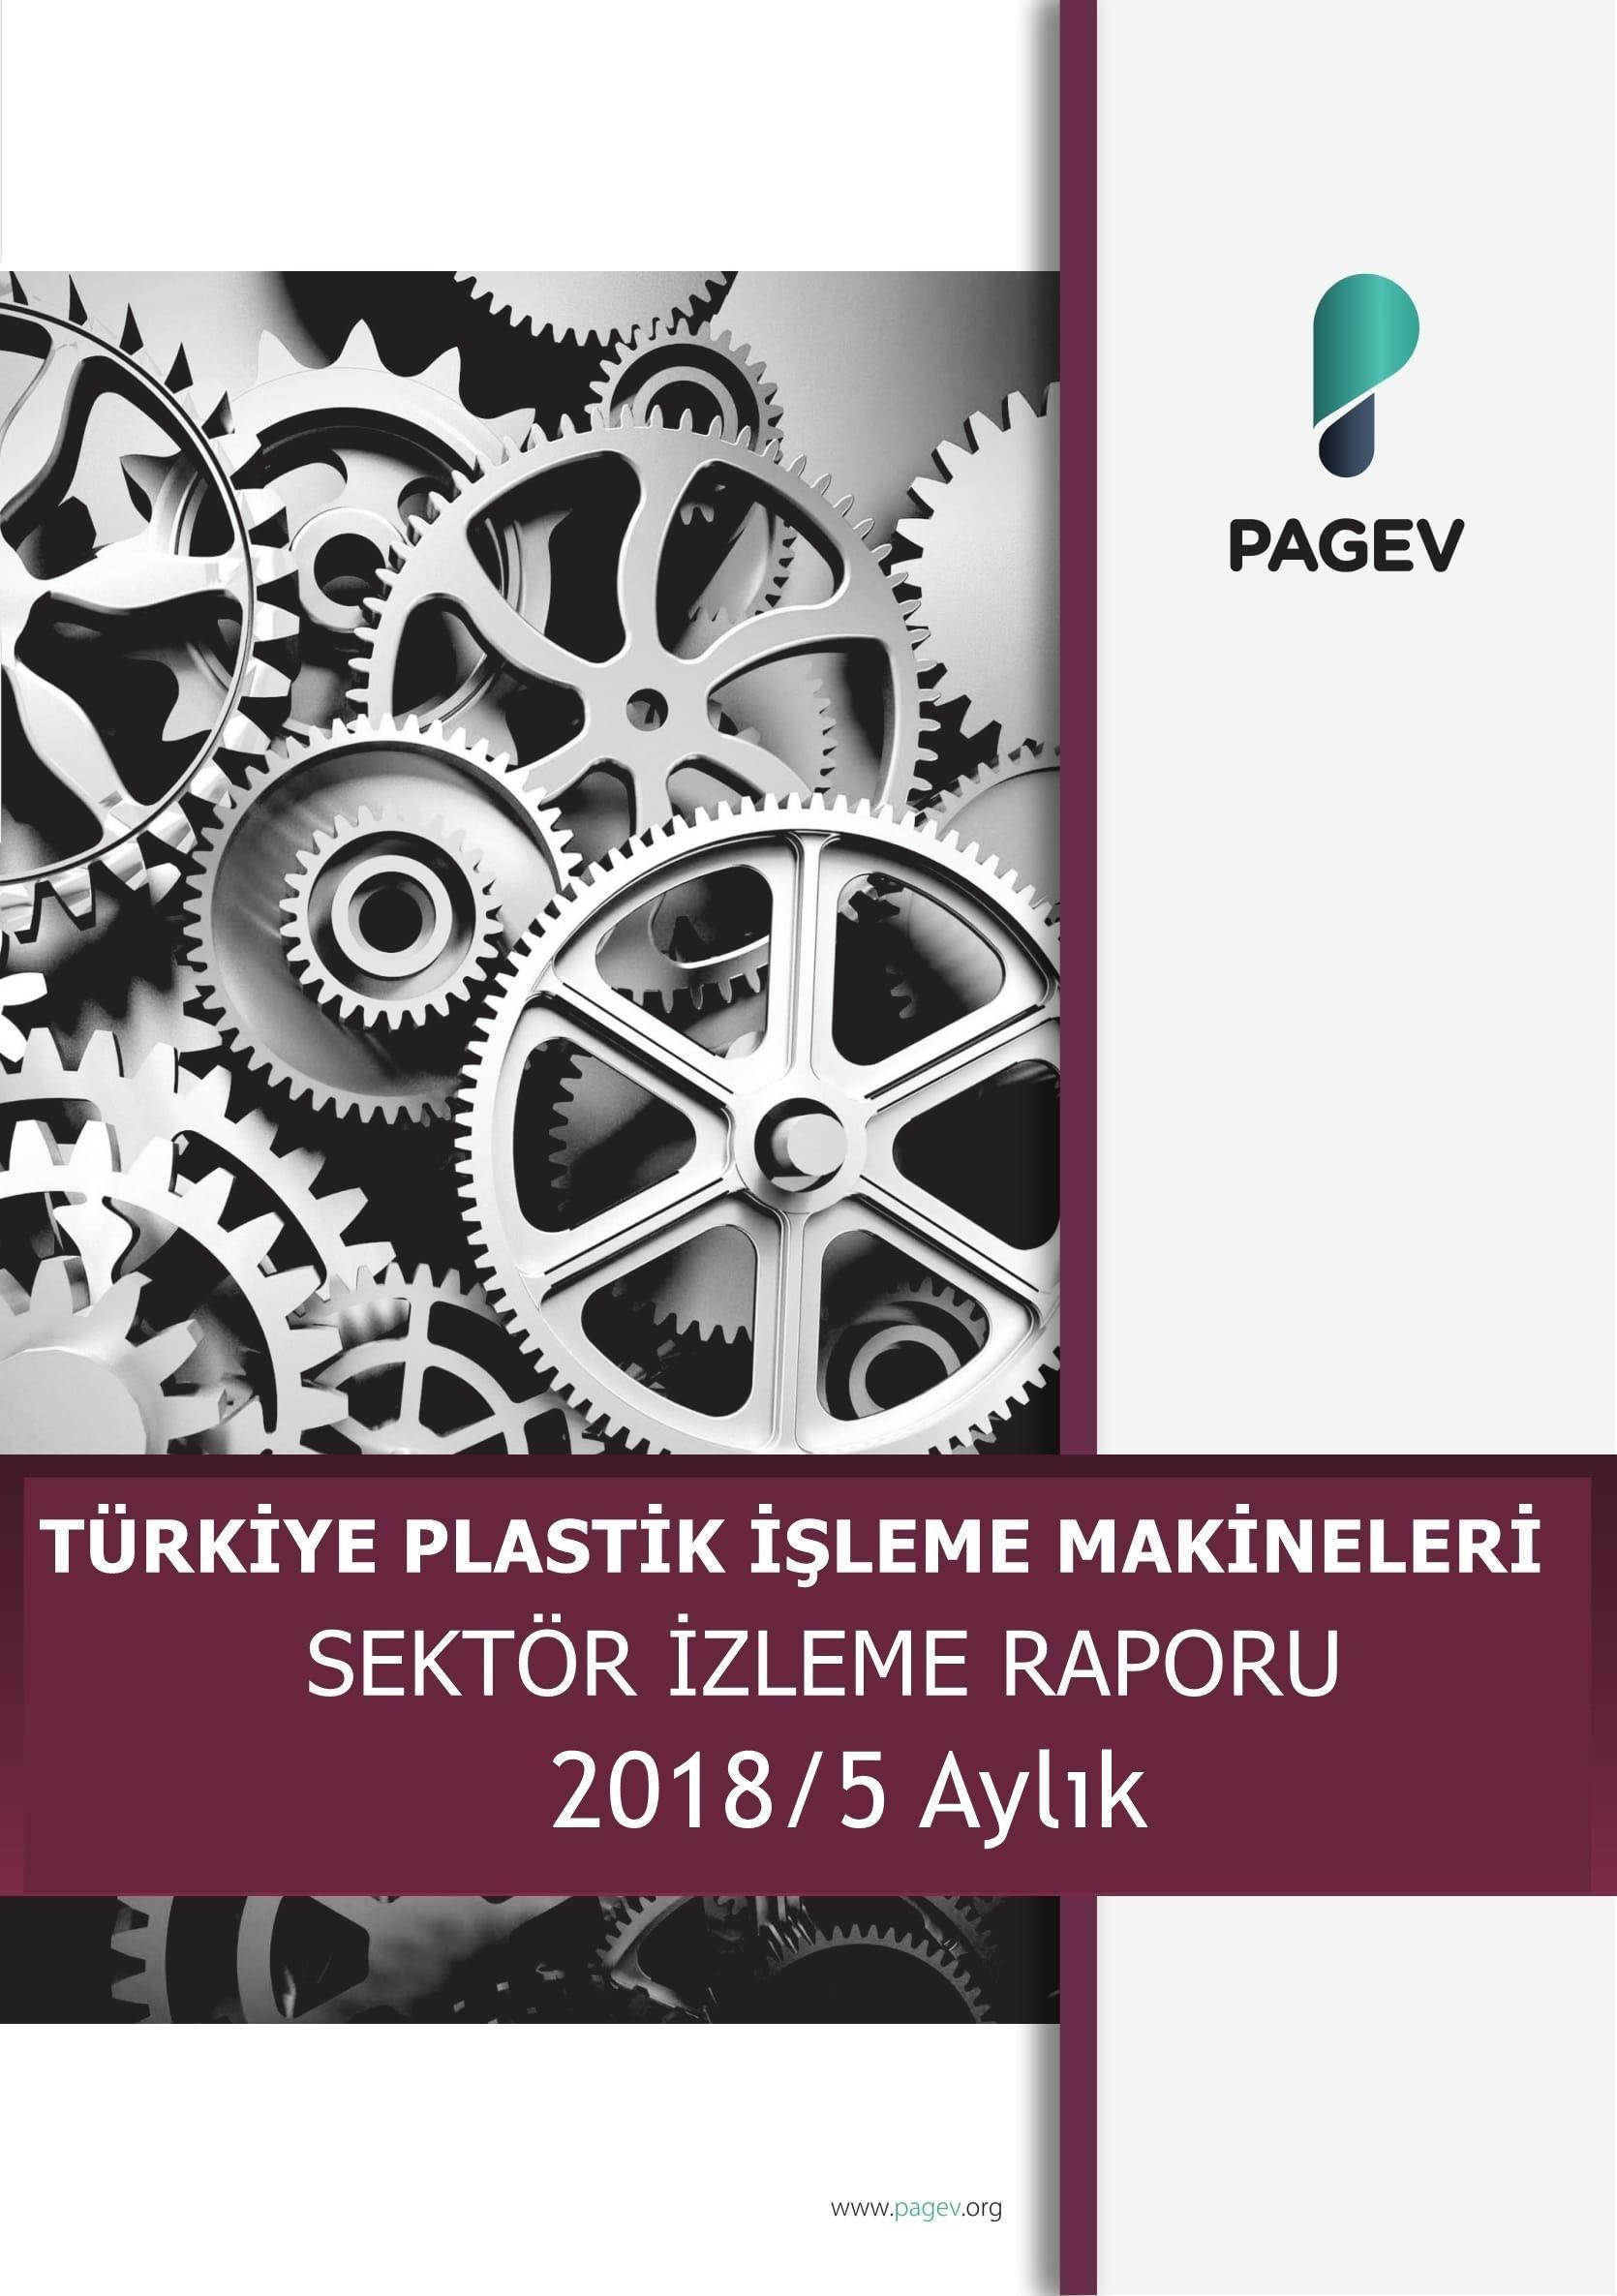 Türkiye Plastik İşleme Makineleri Sektör İzleme Raporu 2017/5 Aylık